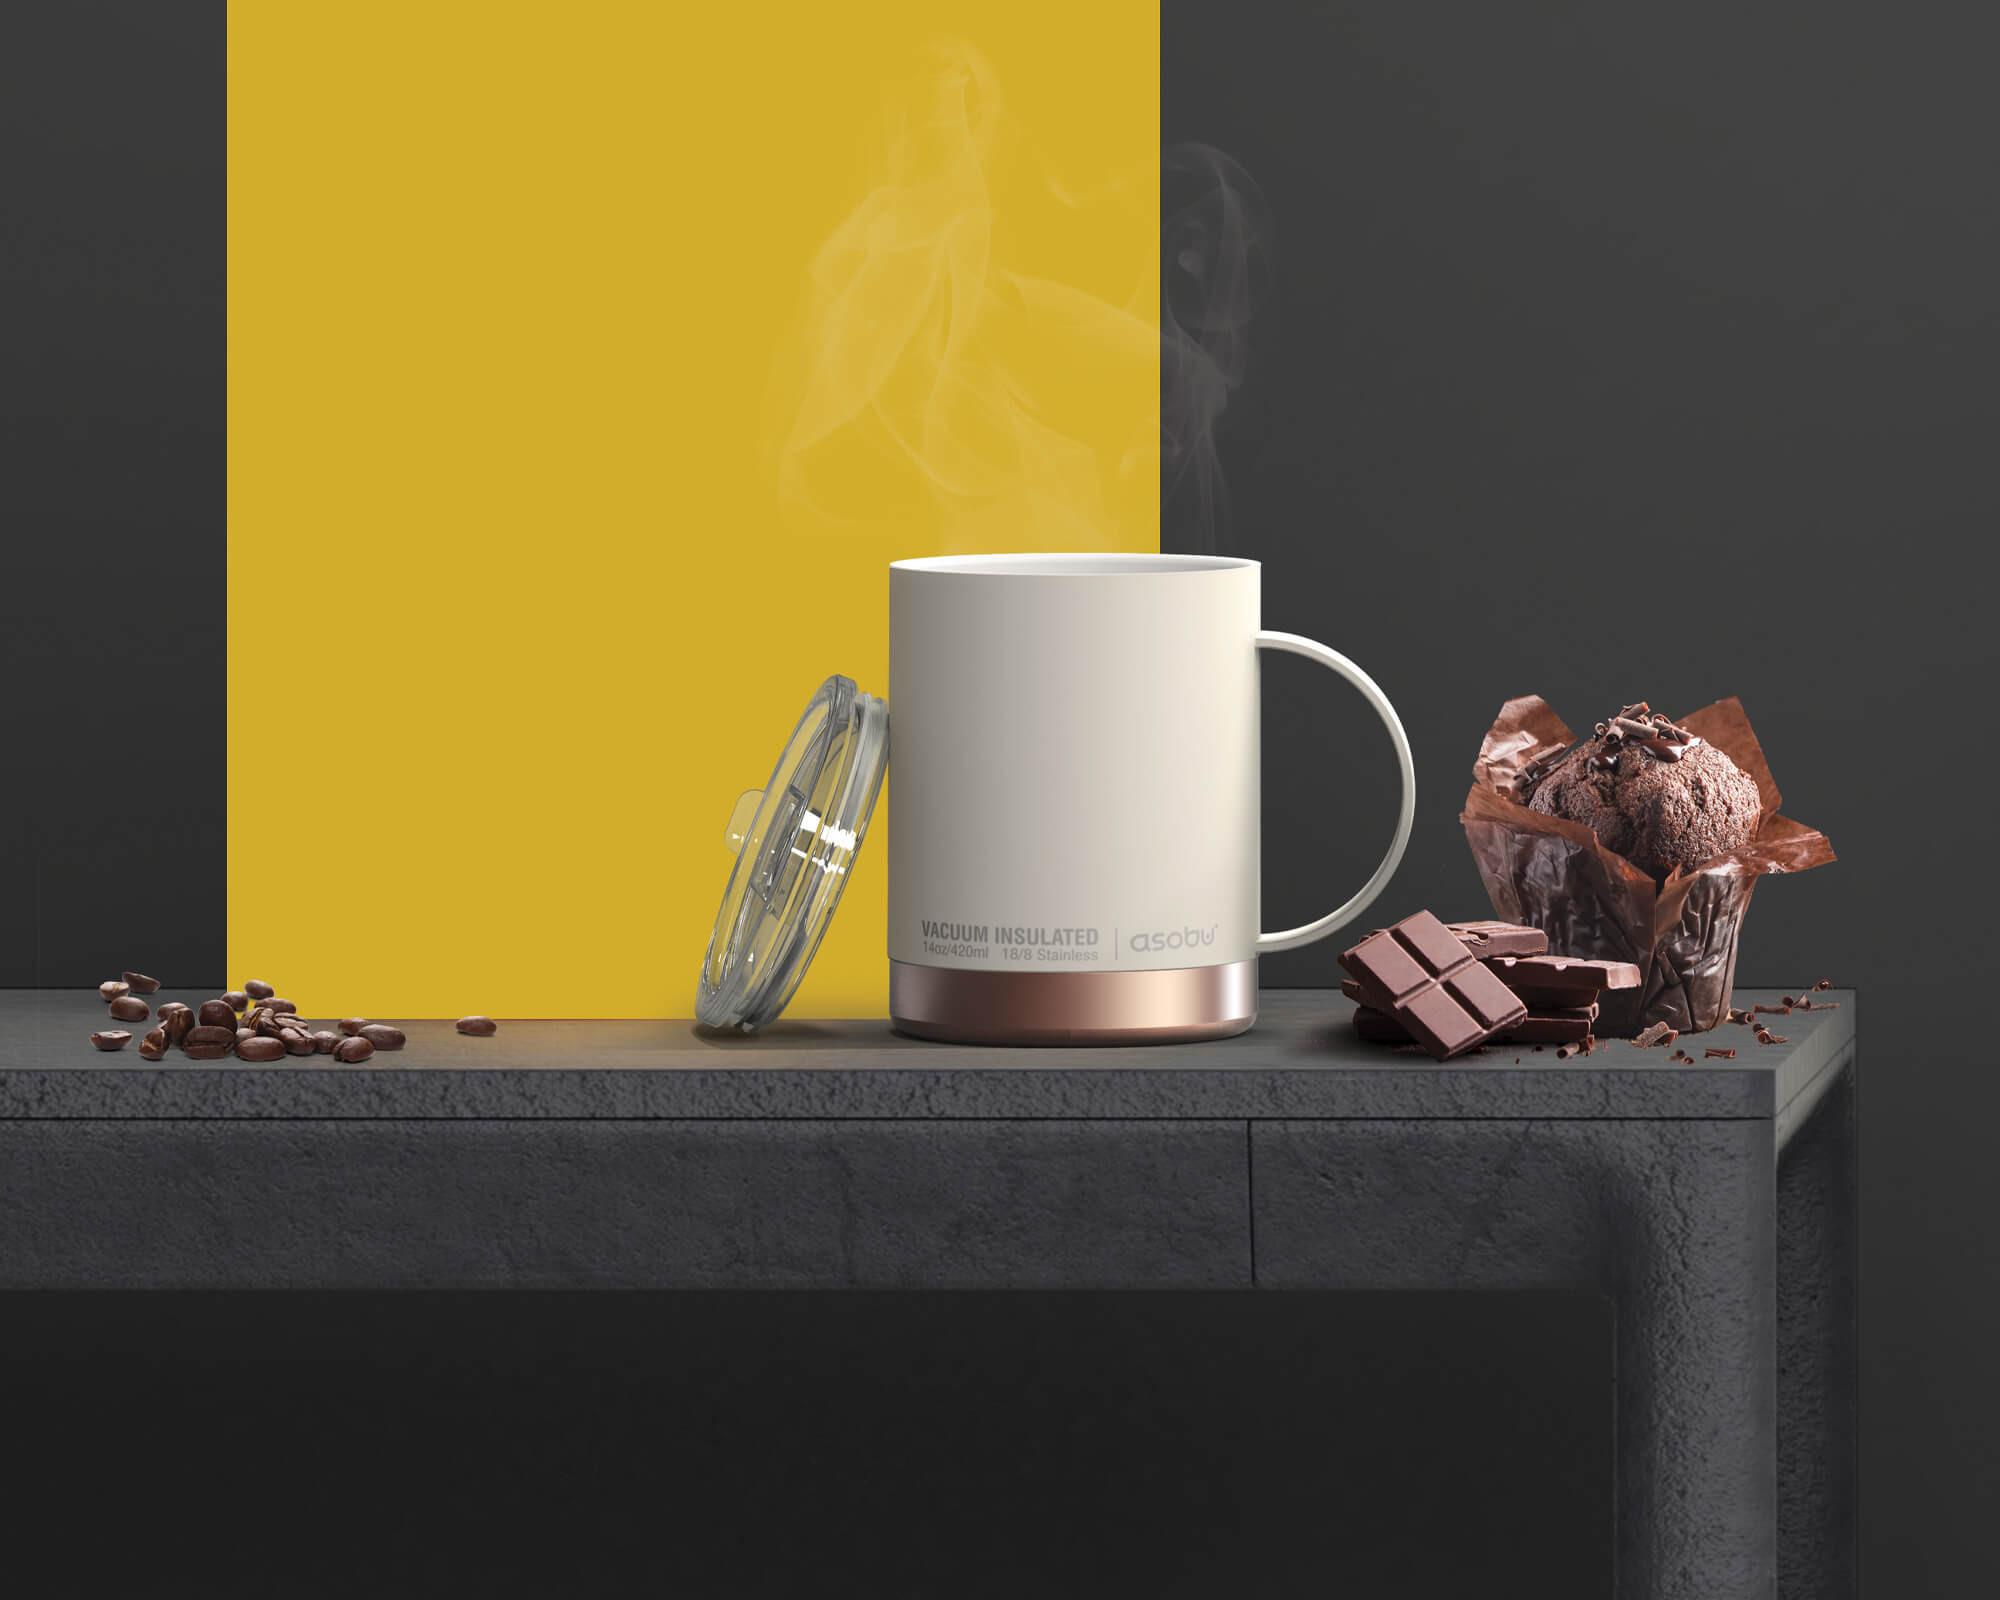 Mug isotherme pour boissons chaudes Asobu I Café Michel